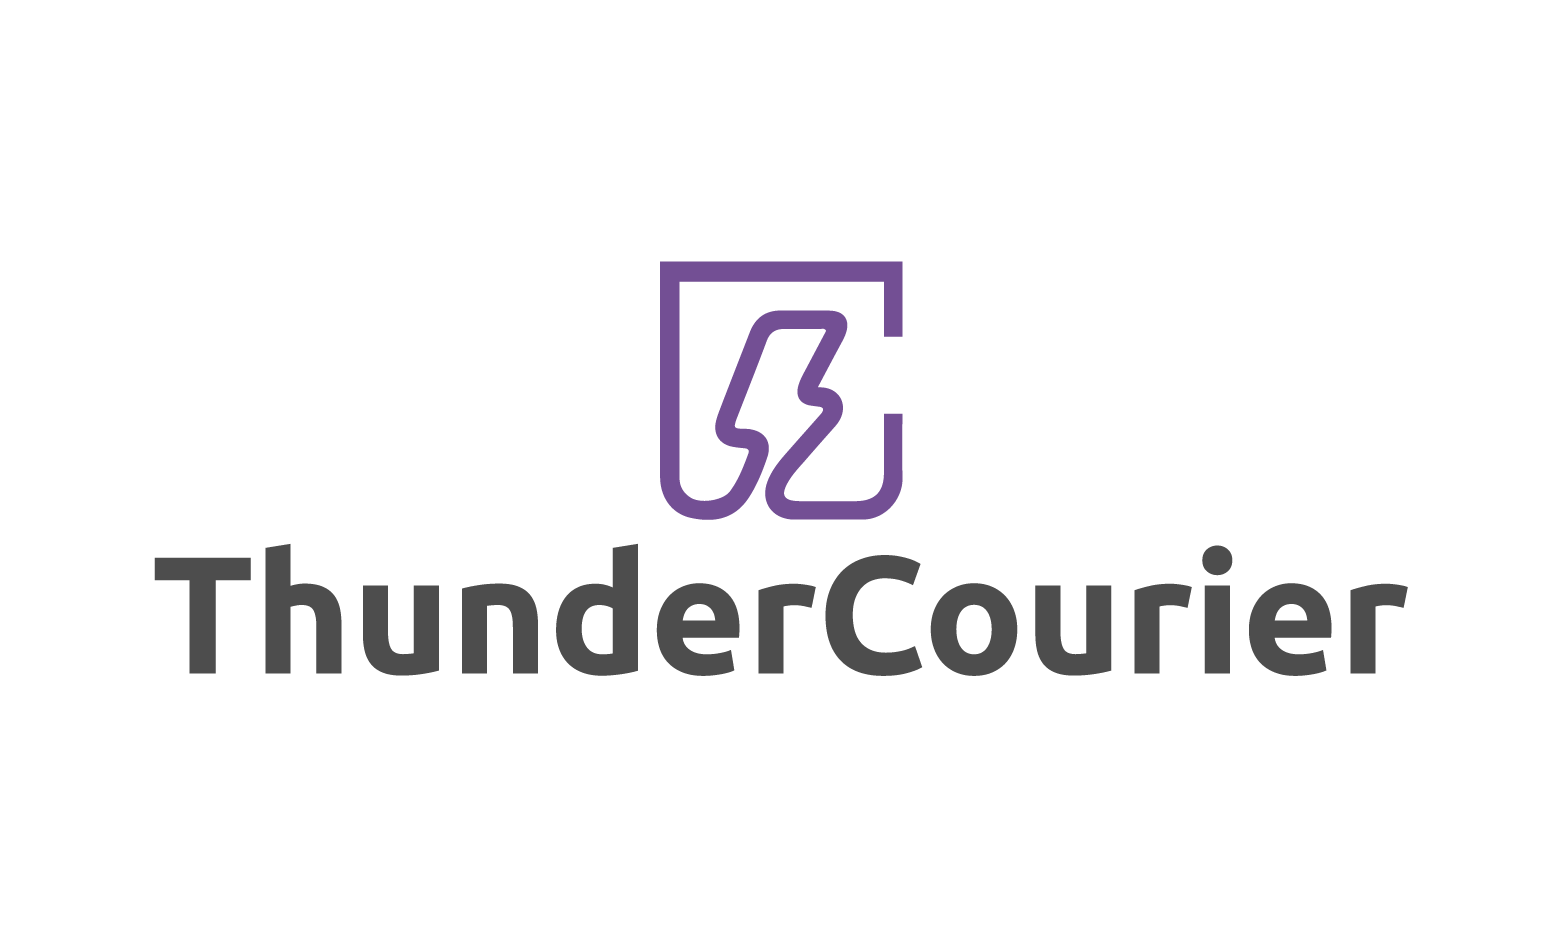 ThunderCourier.com